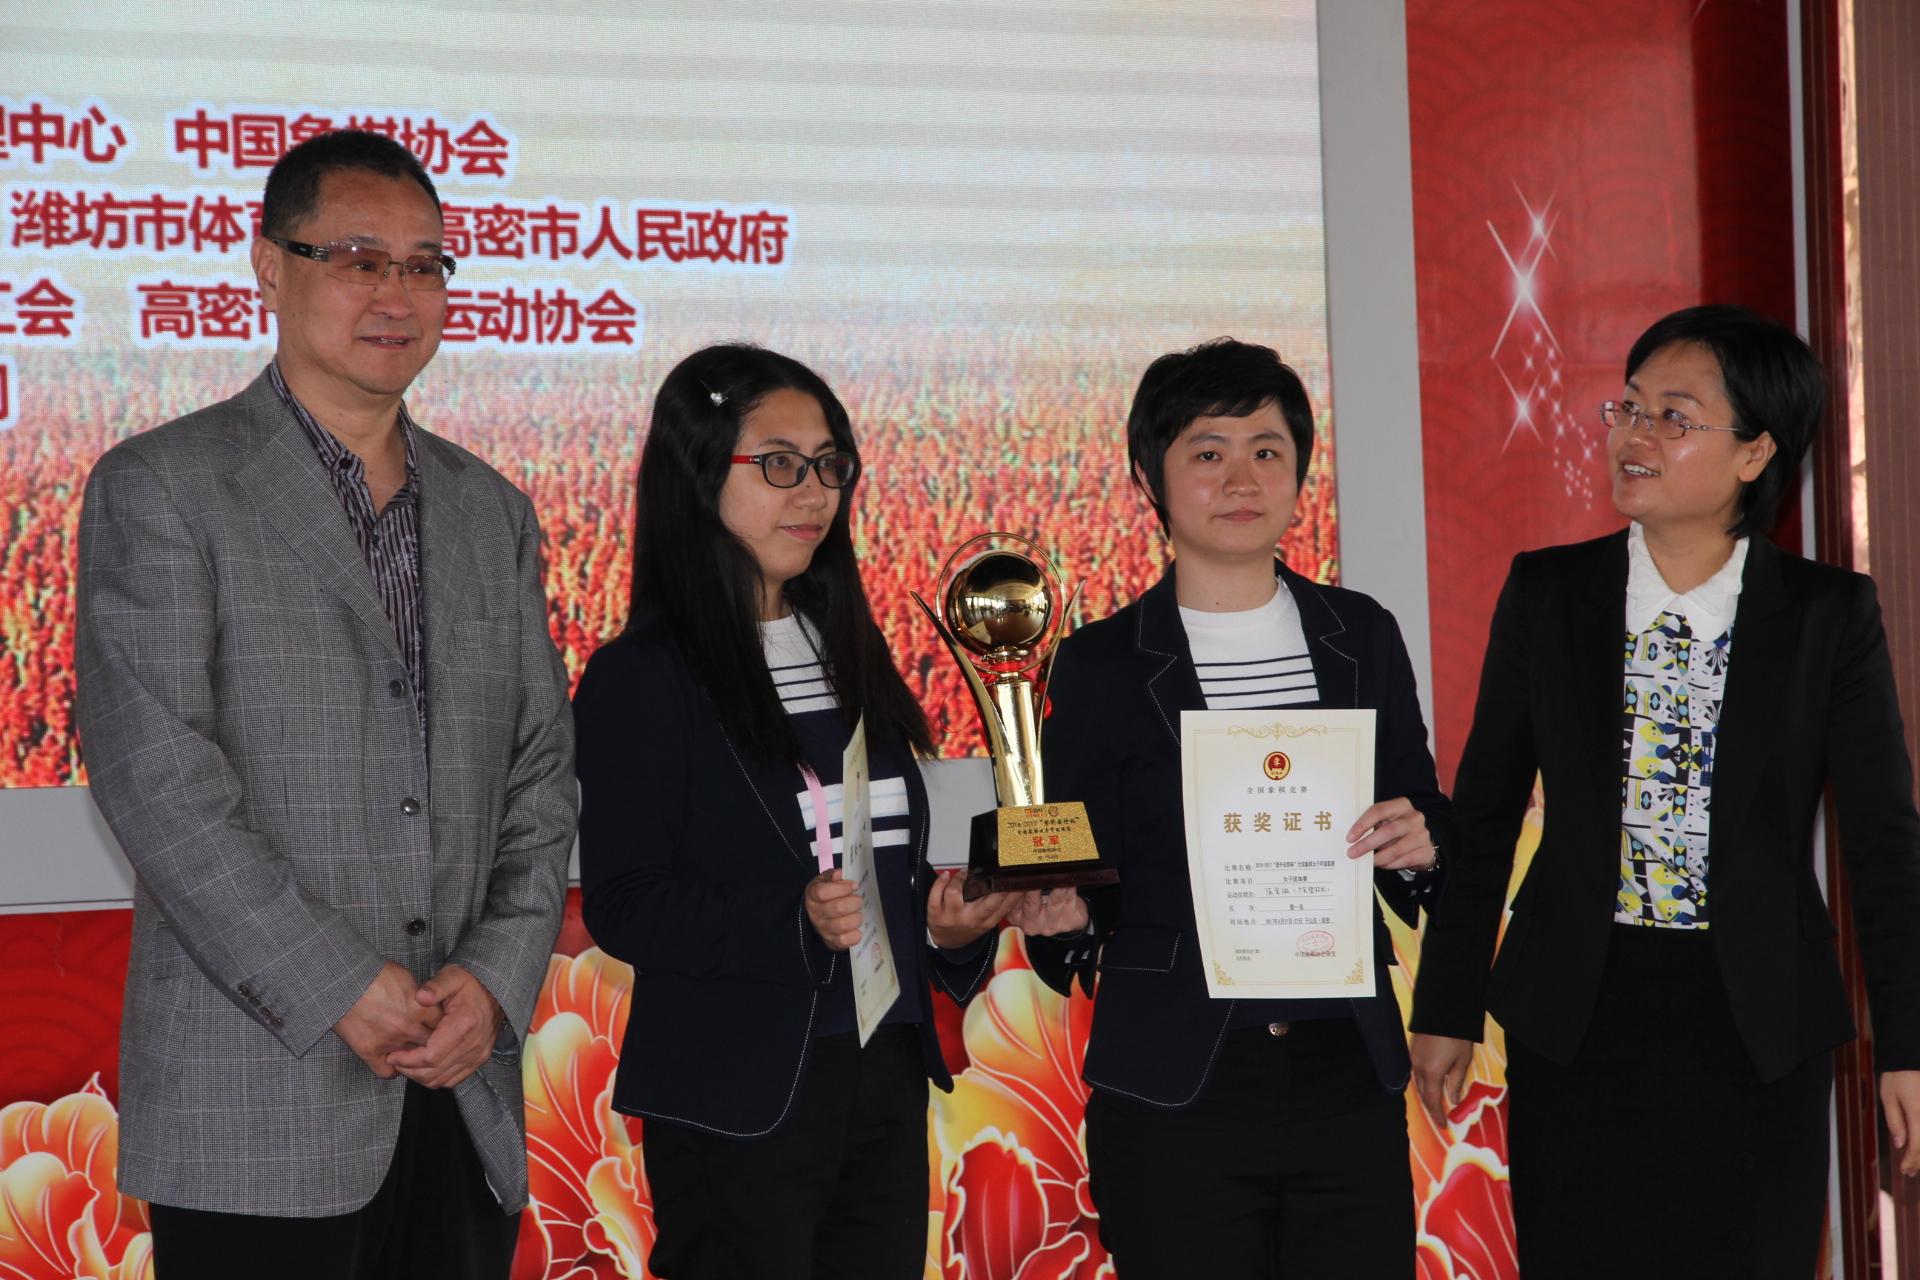 2017全国象棋女子甲级联赛广东夺冠 二陈:只要肯拼,就会很精彩